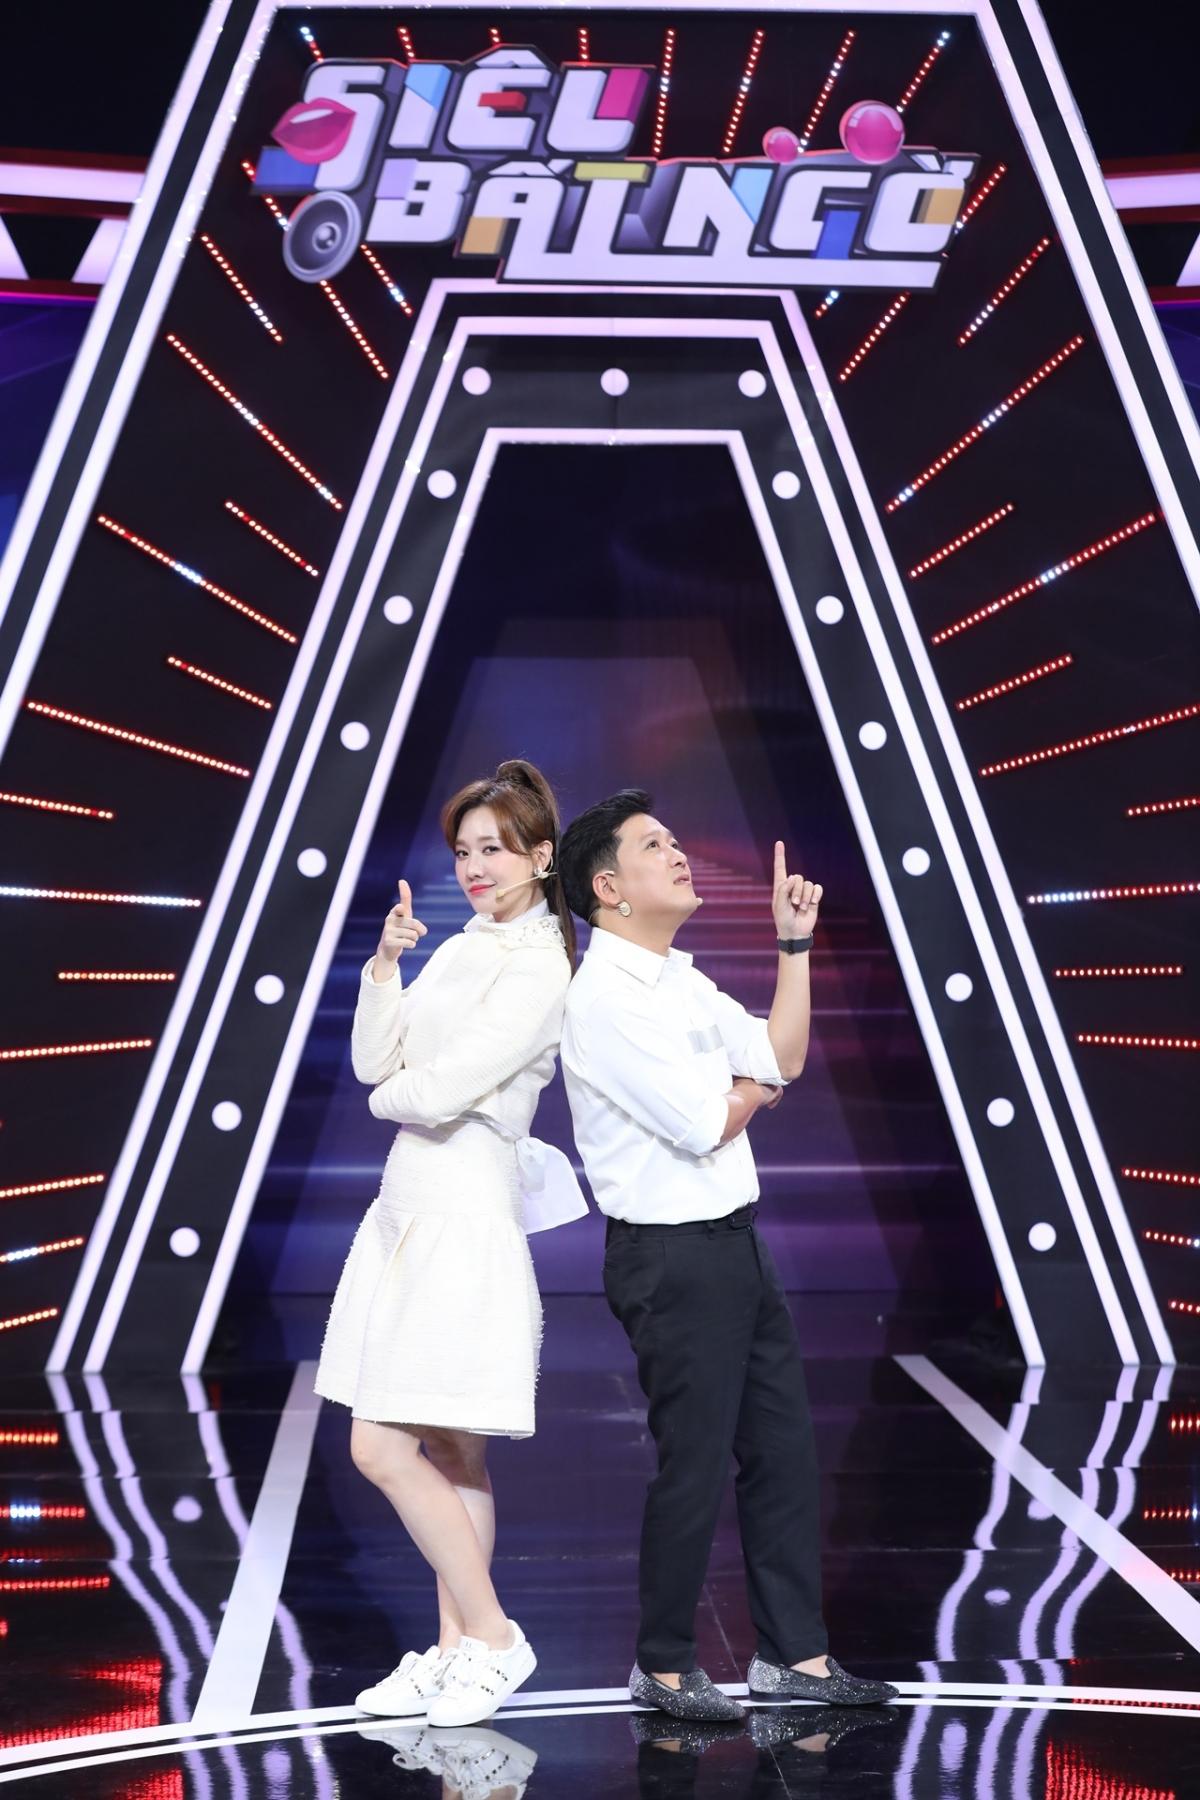 """Trường Giang và Hari Won sẽ giữ vai trò MC, dẫn dắt """"Siêu bất ngờ"""" mùa 5."""